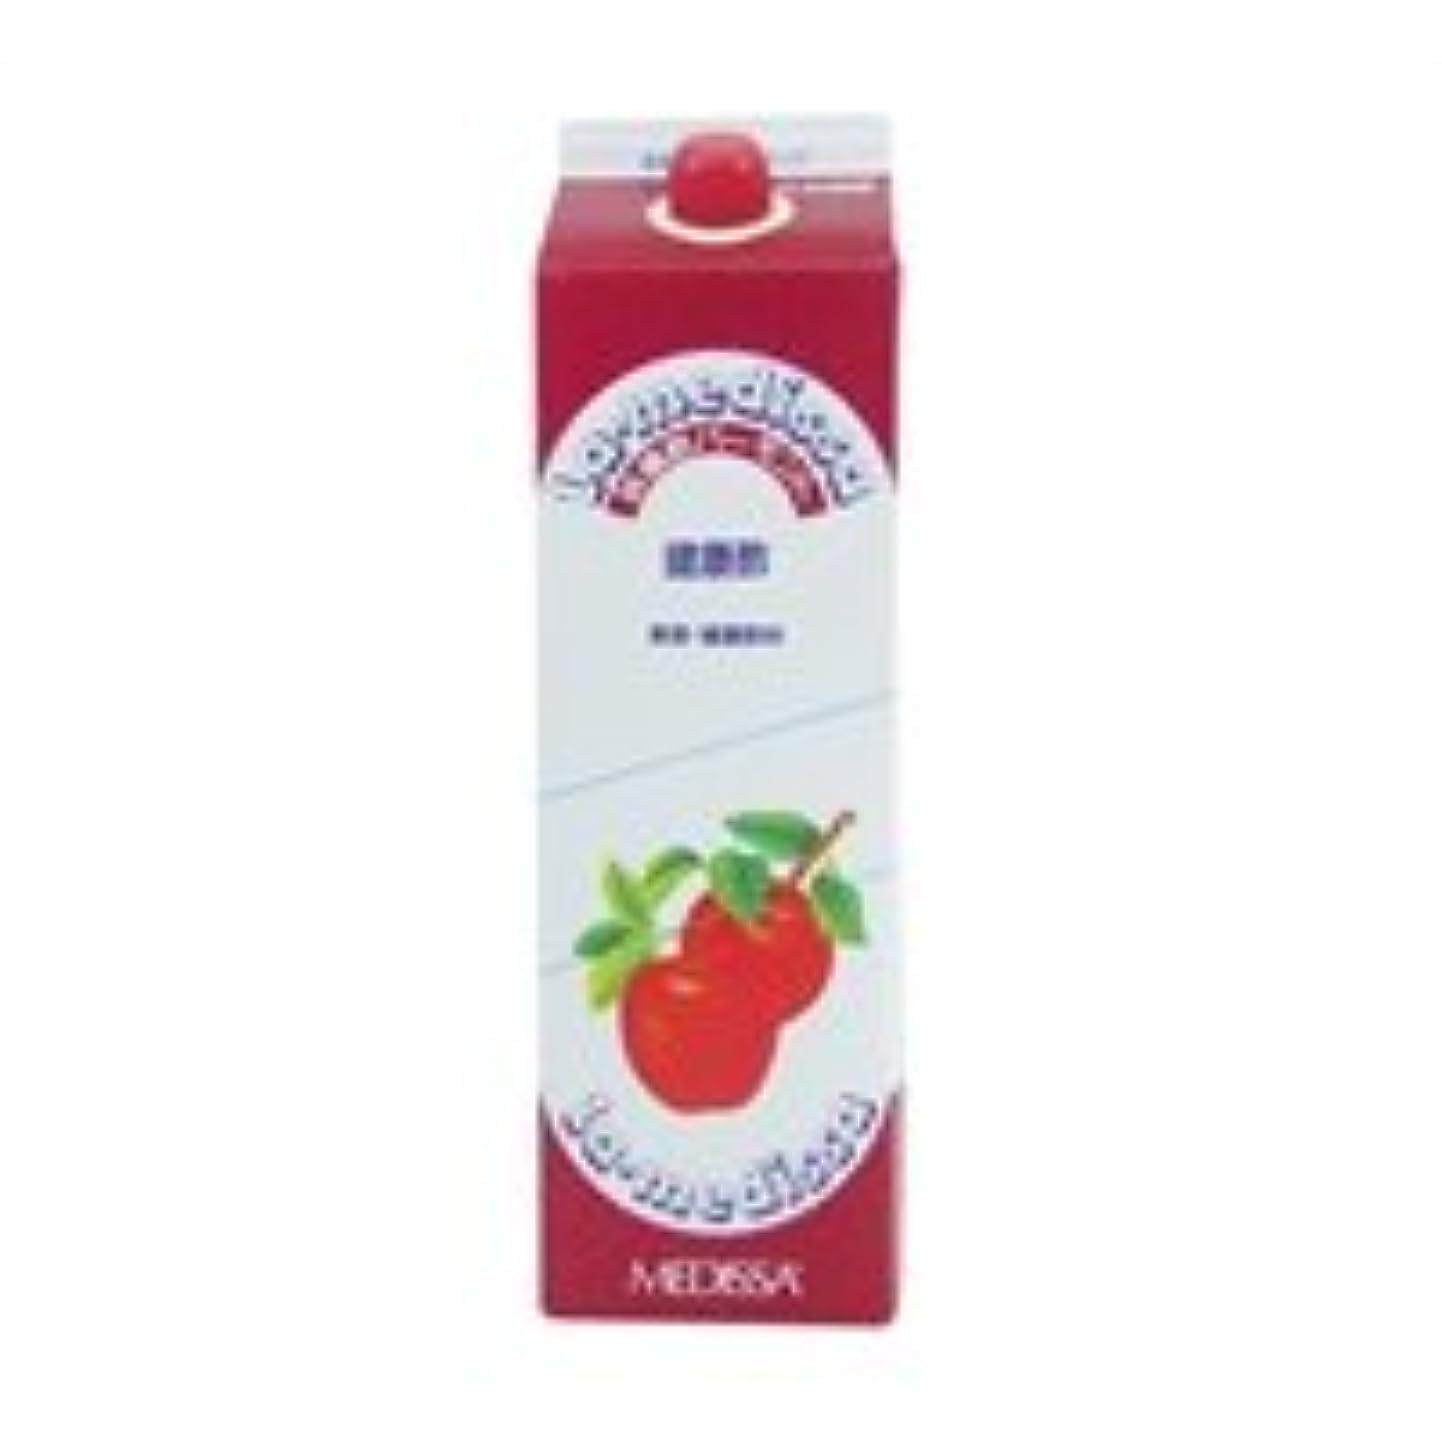 必需品役割微生物ラ?メデッサ リンゴ酢バーモント 1.8L